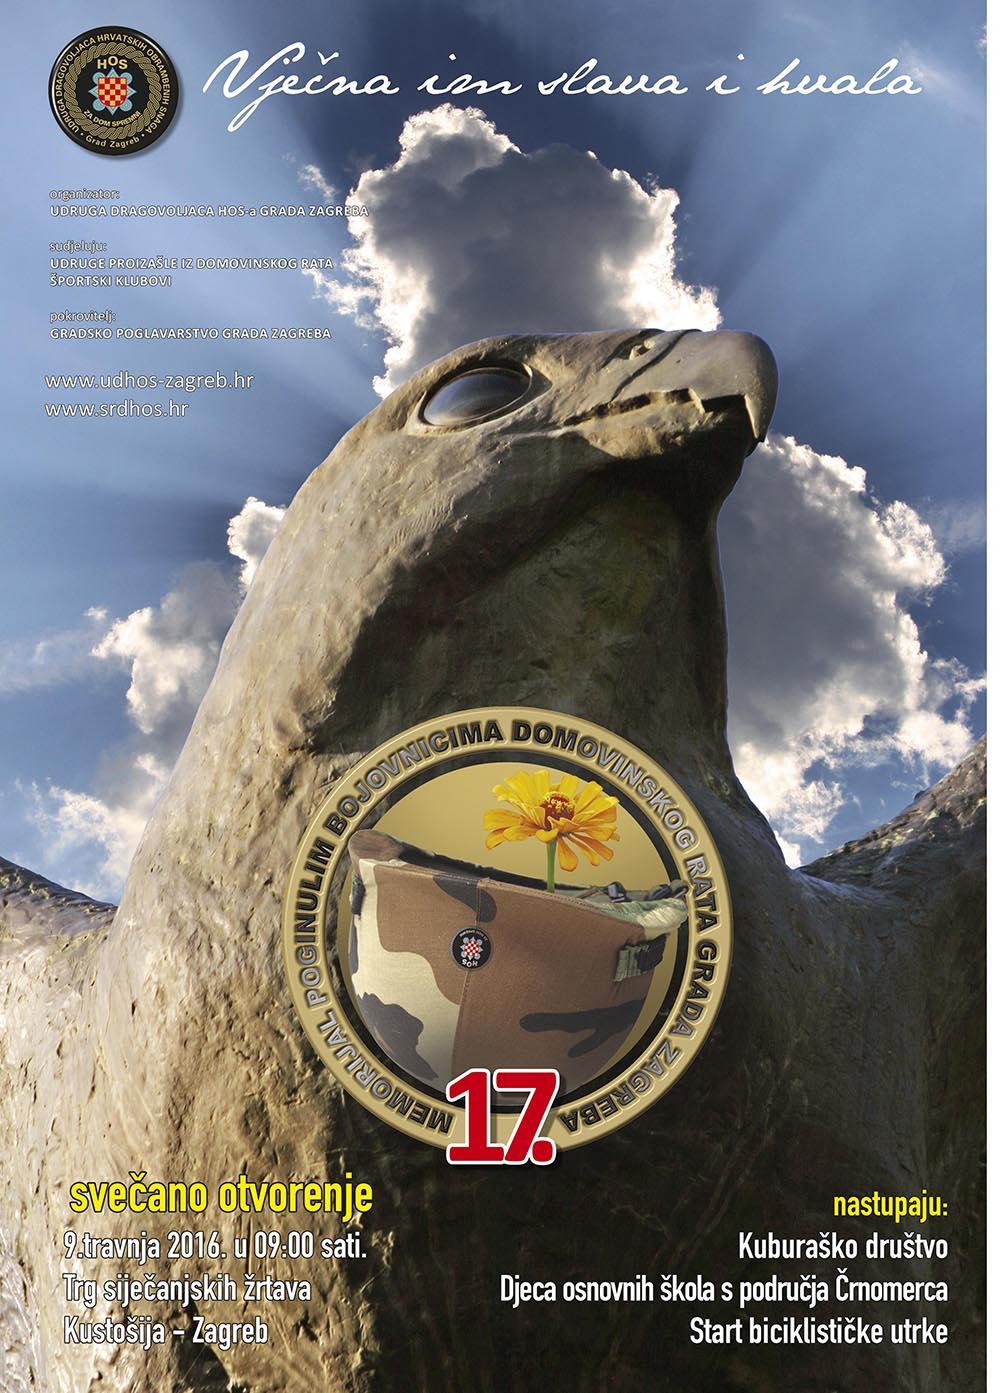 17 memorijal plakat.cdr